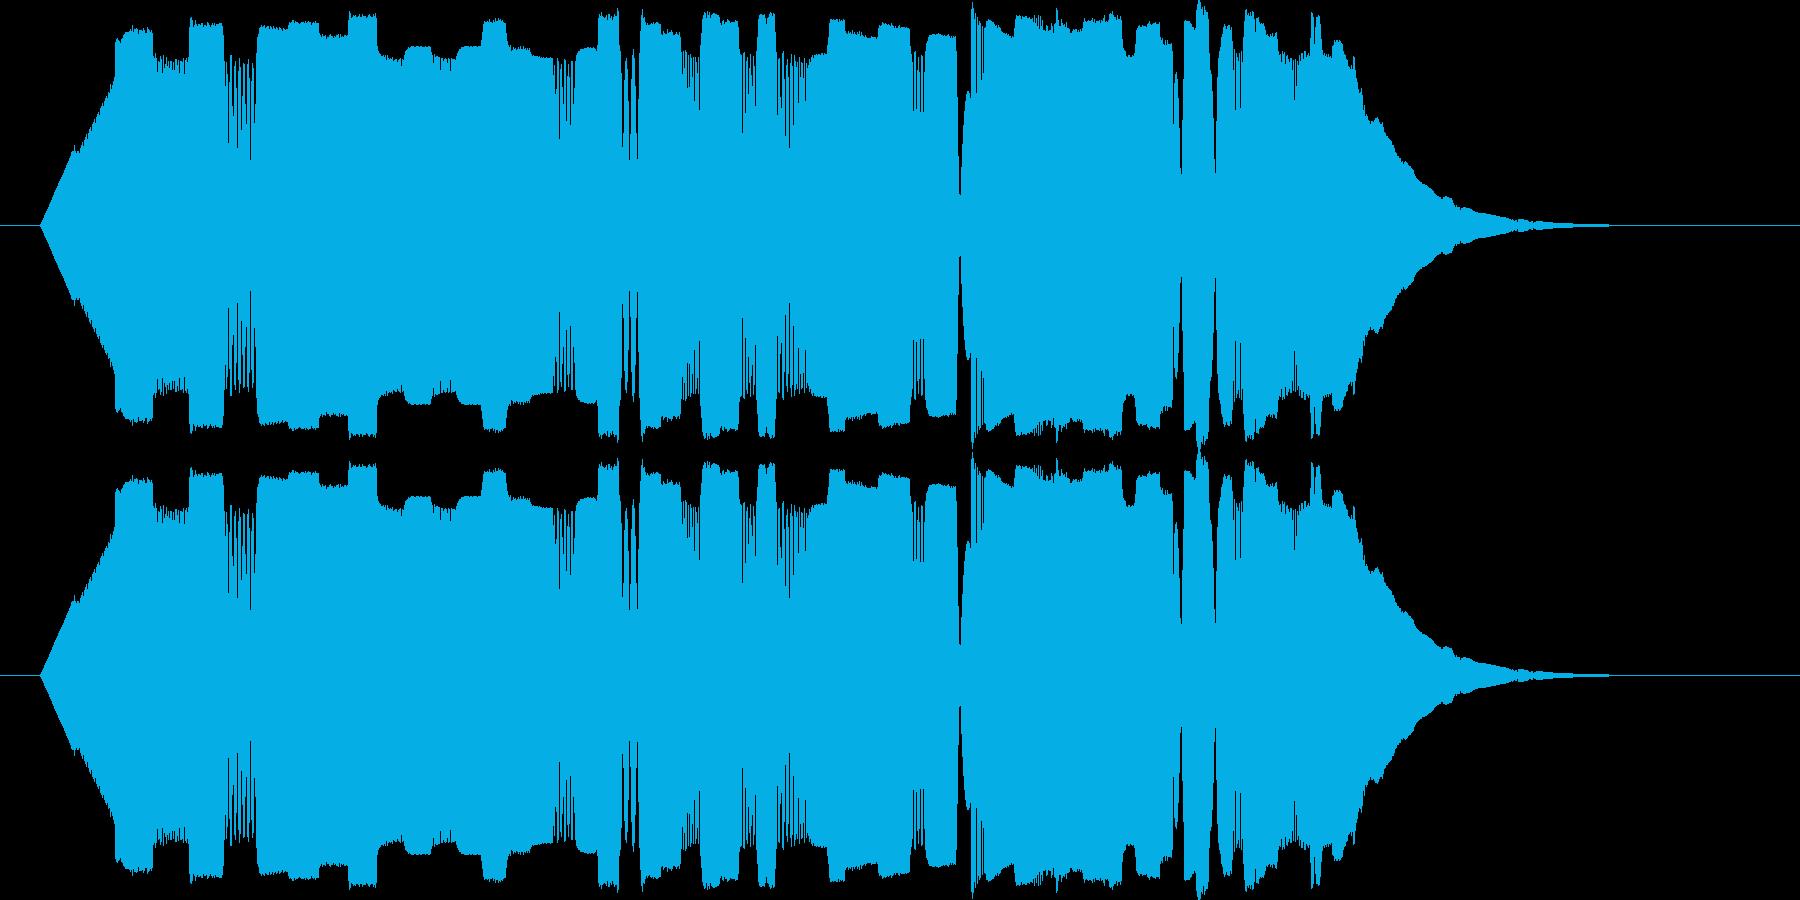 パリポリポパリポリポリ(電子)の再生済みの波形